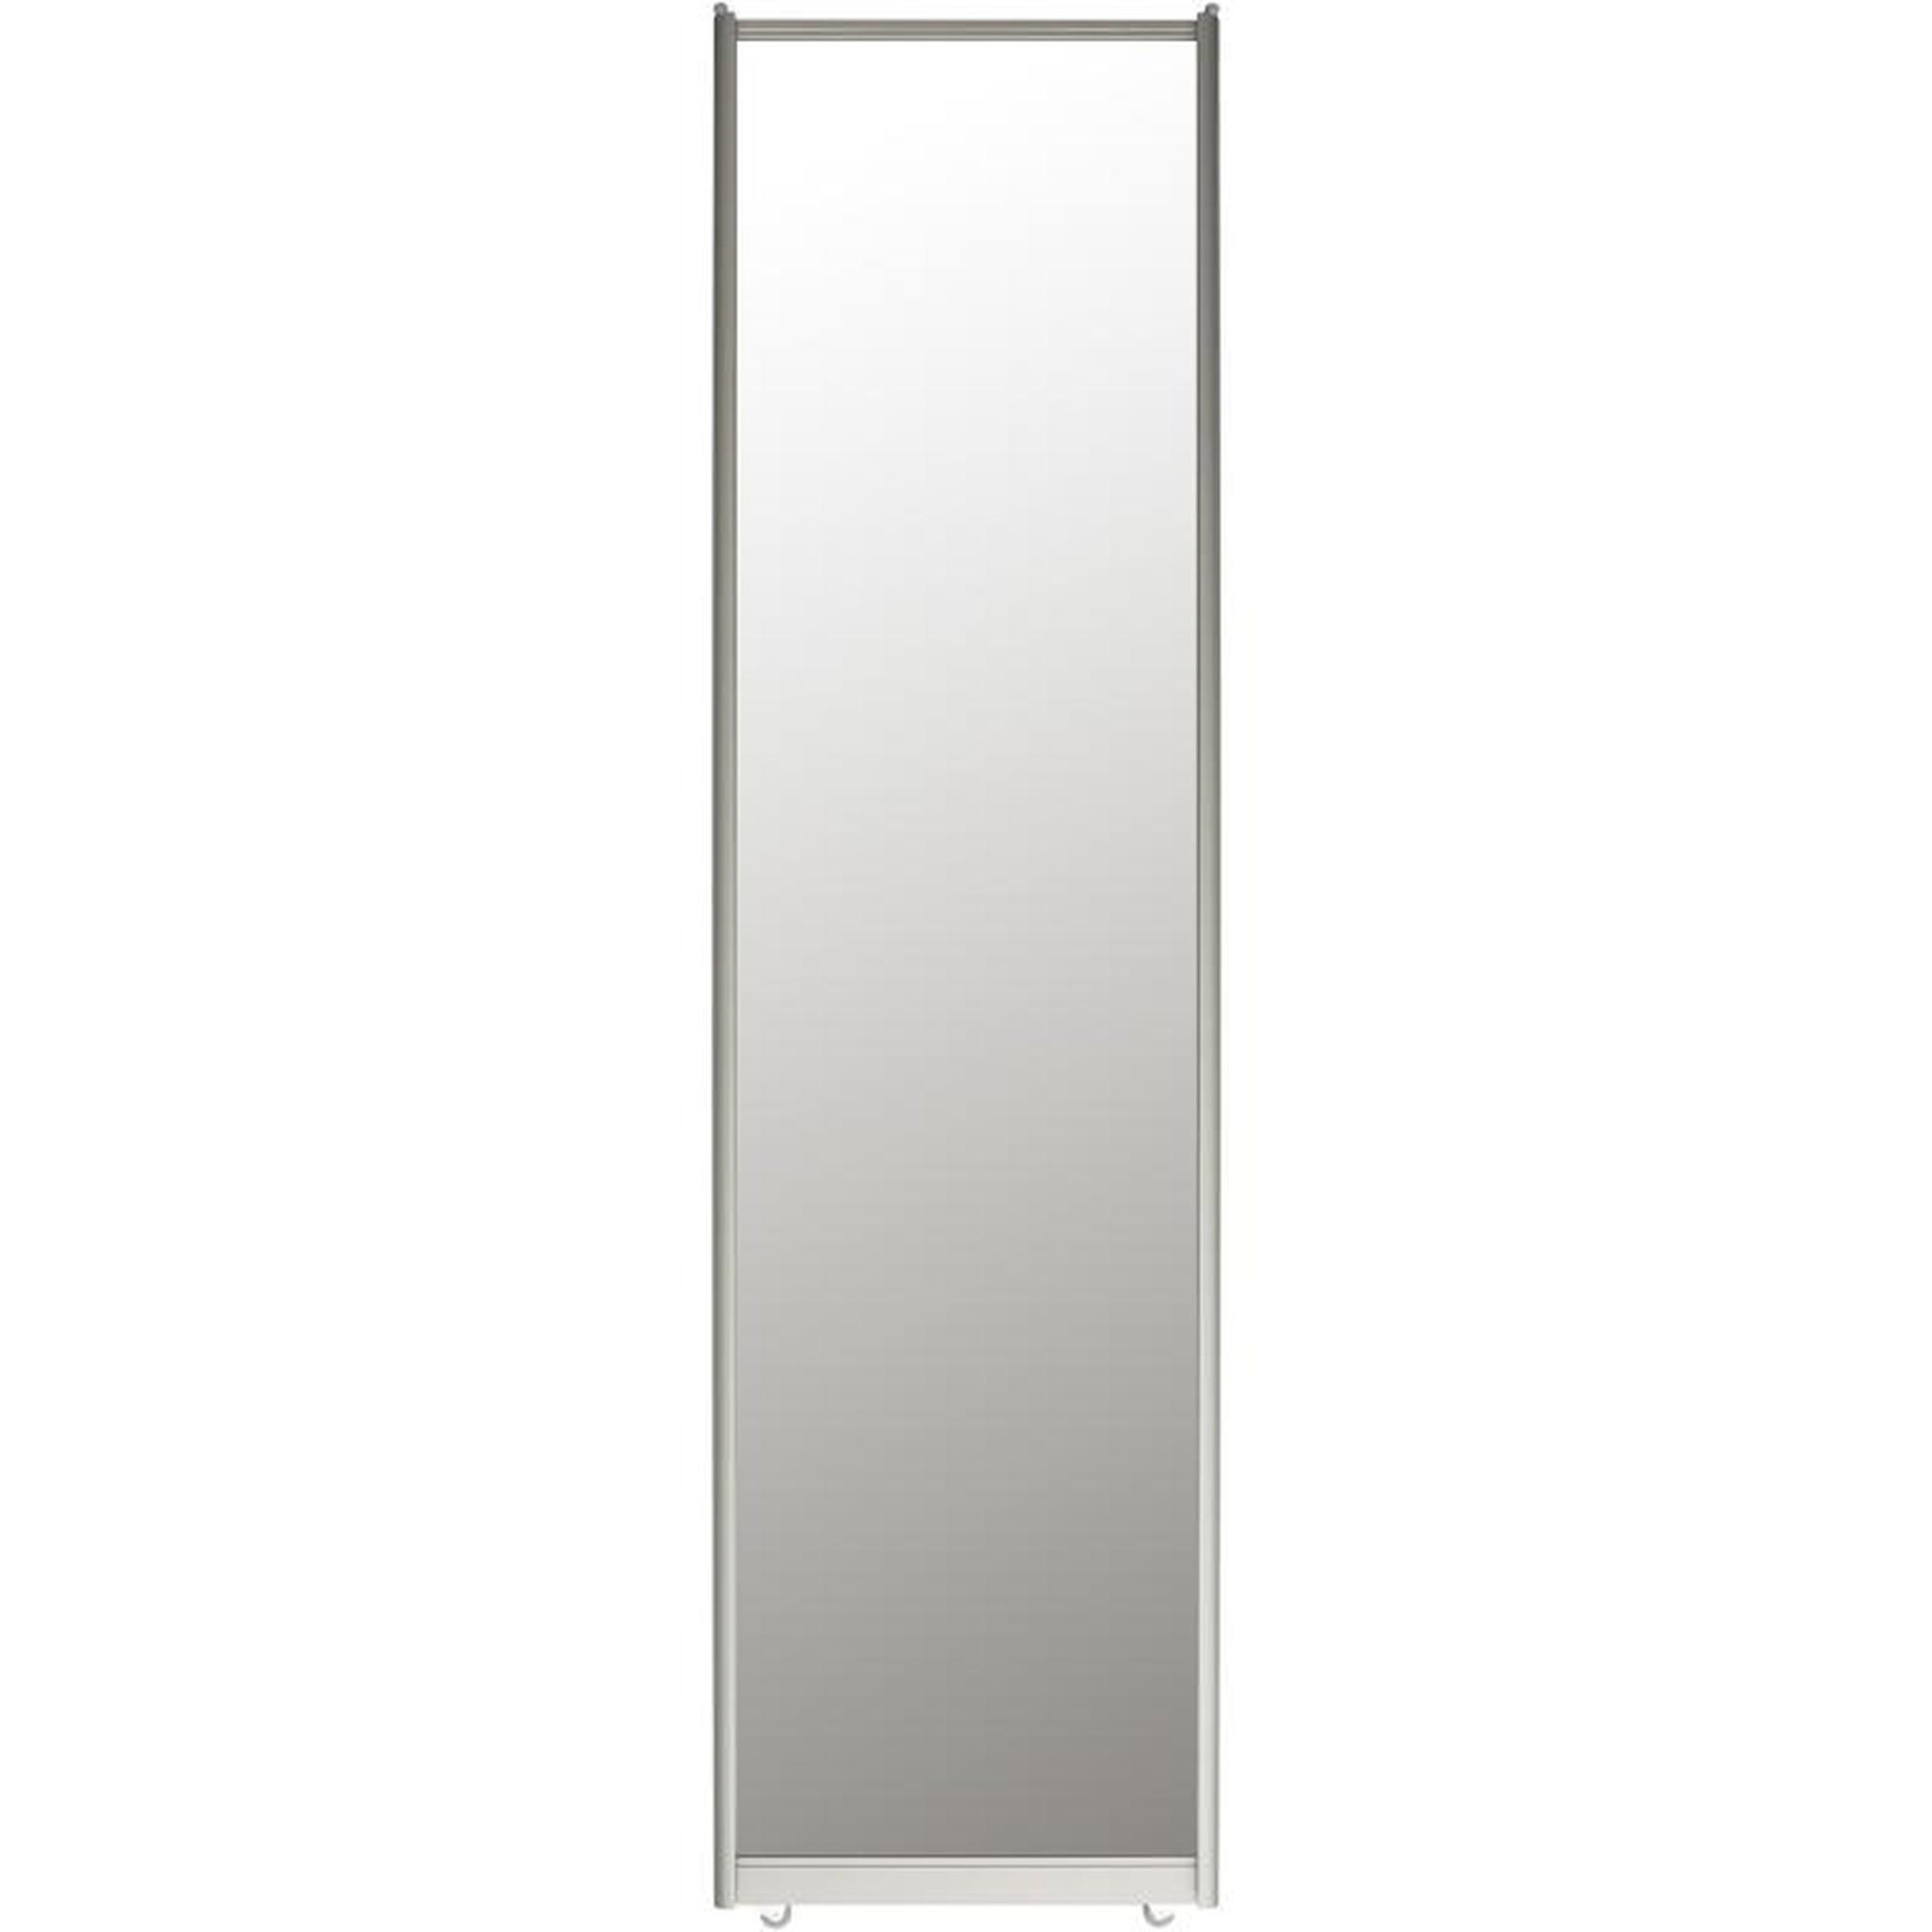 Дверь-купе Spaceo 2455х804 мм зеркало